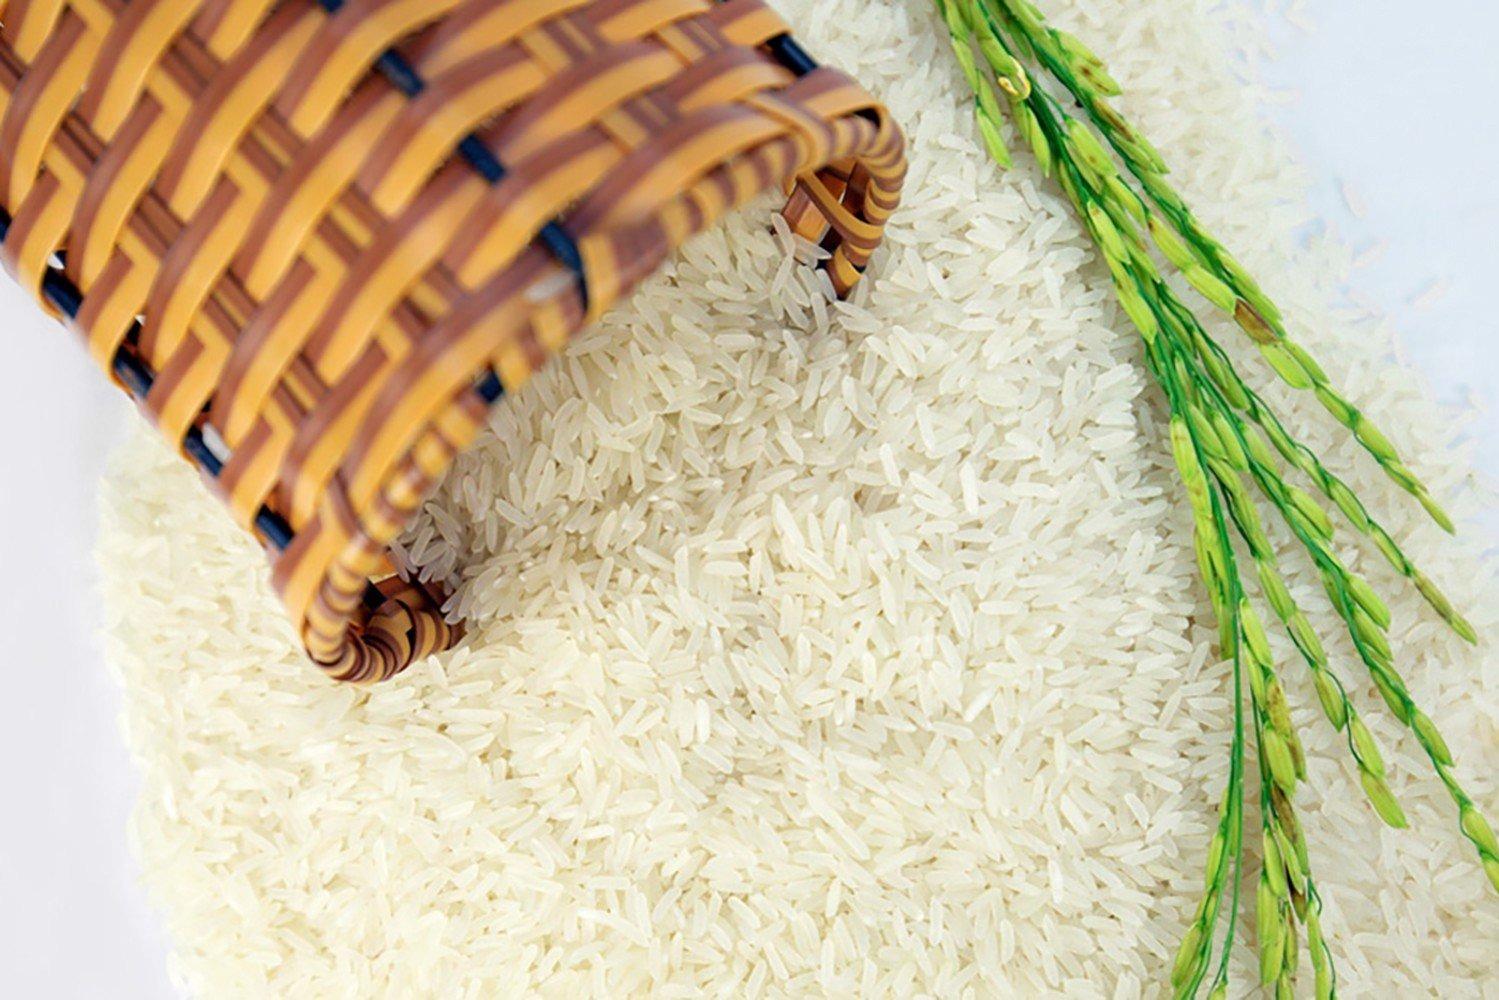 Giá lúa gạo hôm nay 23/9: Tăng giảm trái chiều 1